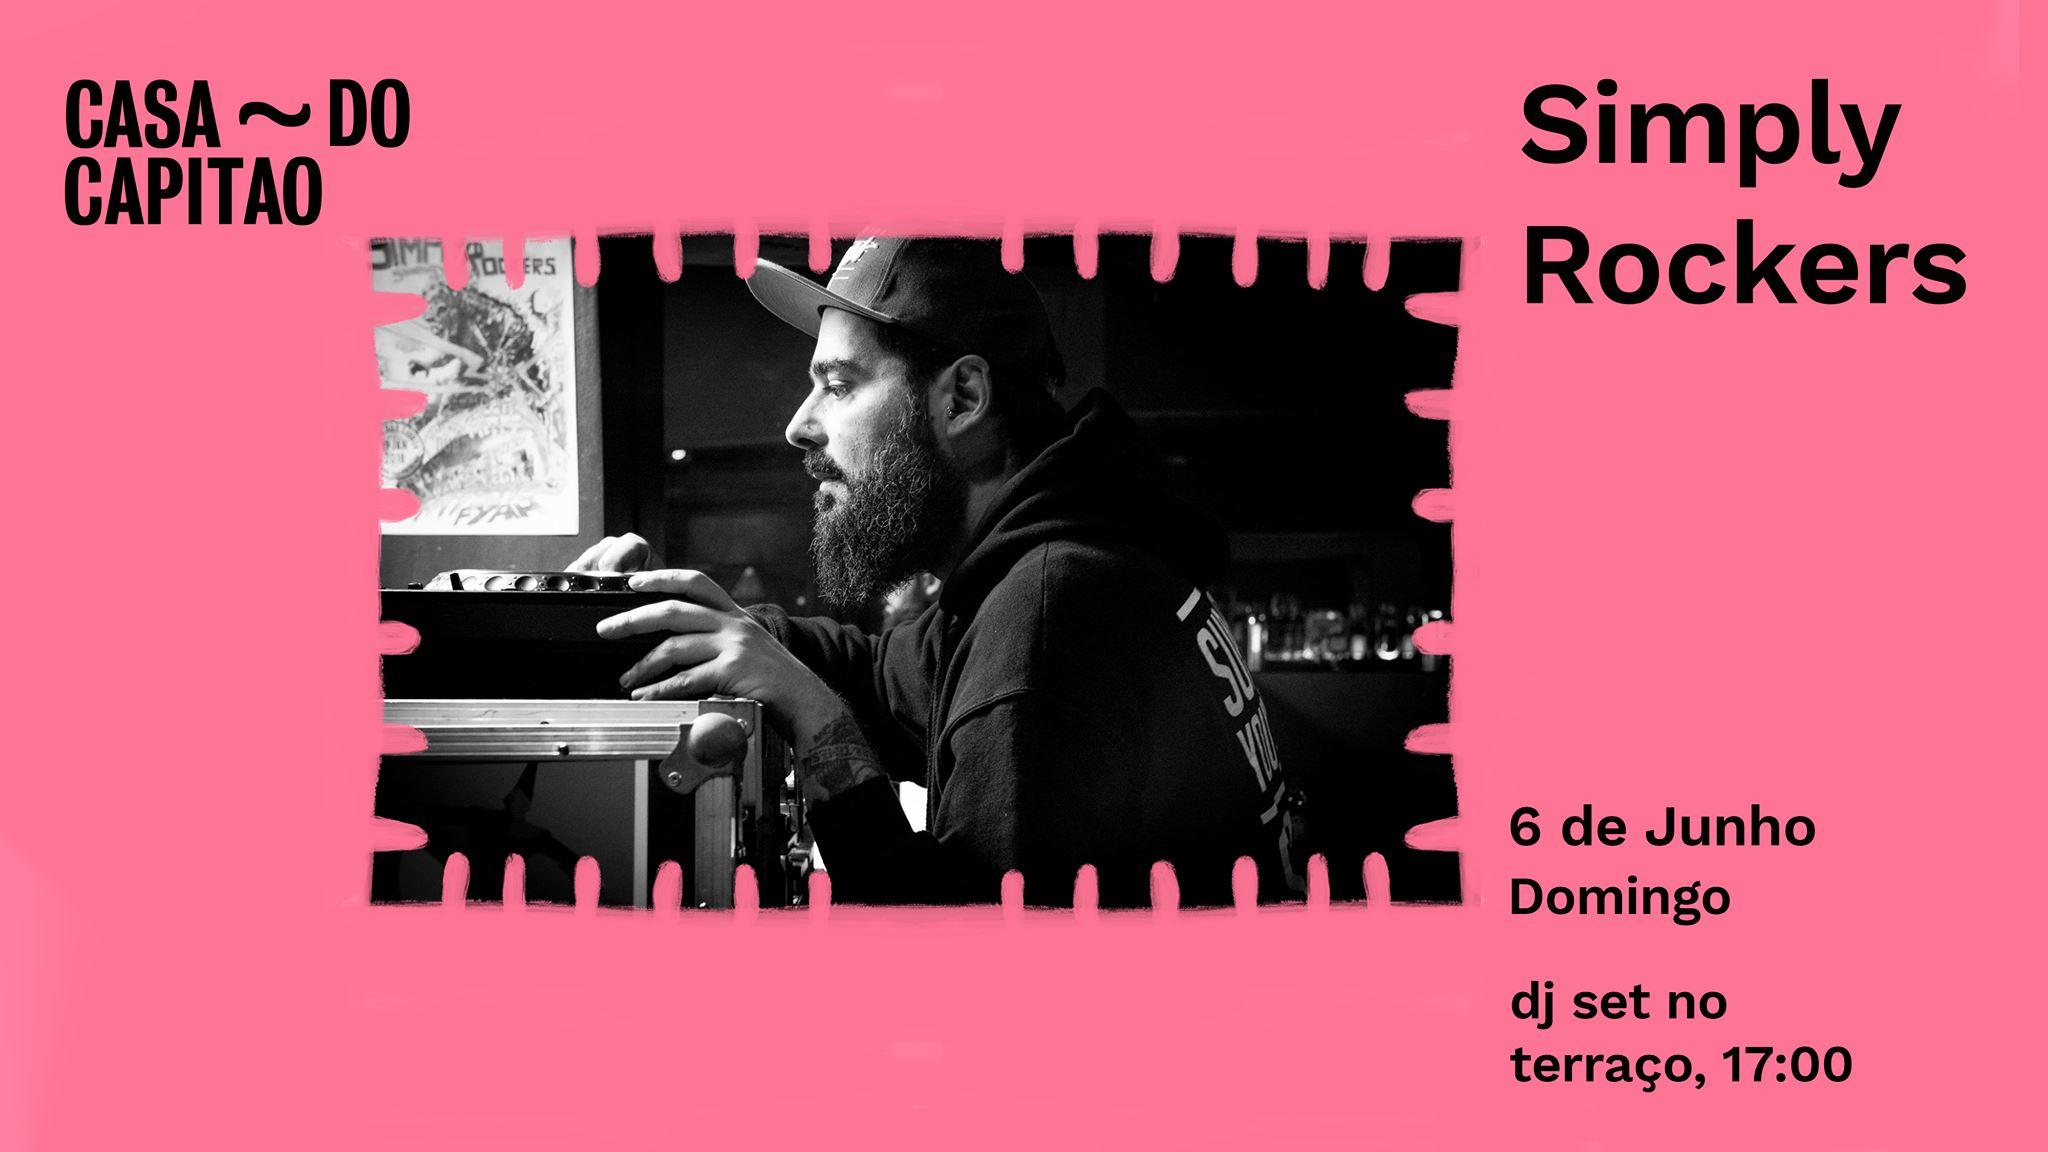 Simply Rockers • DJ set no terraço